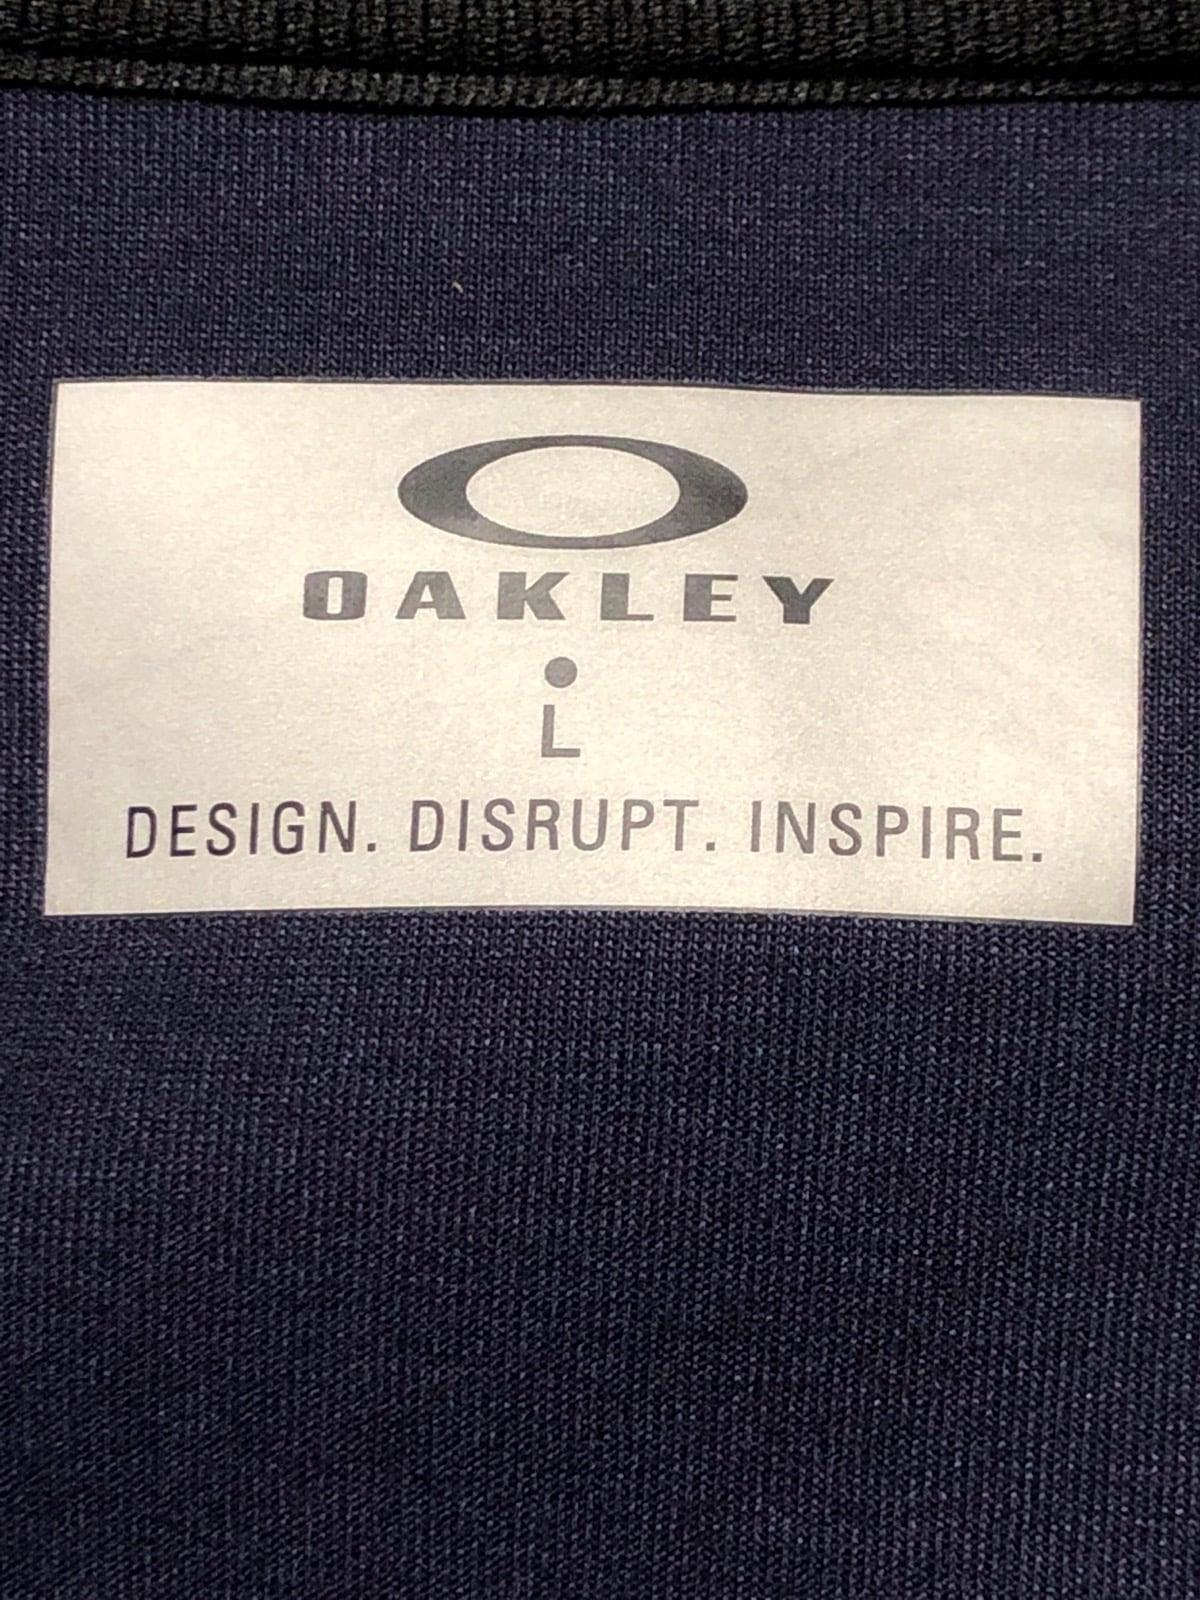 OAKLEY(オークリー)のジャージ